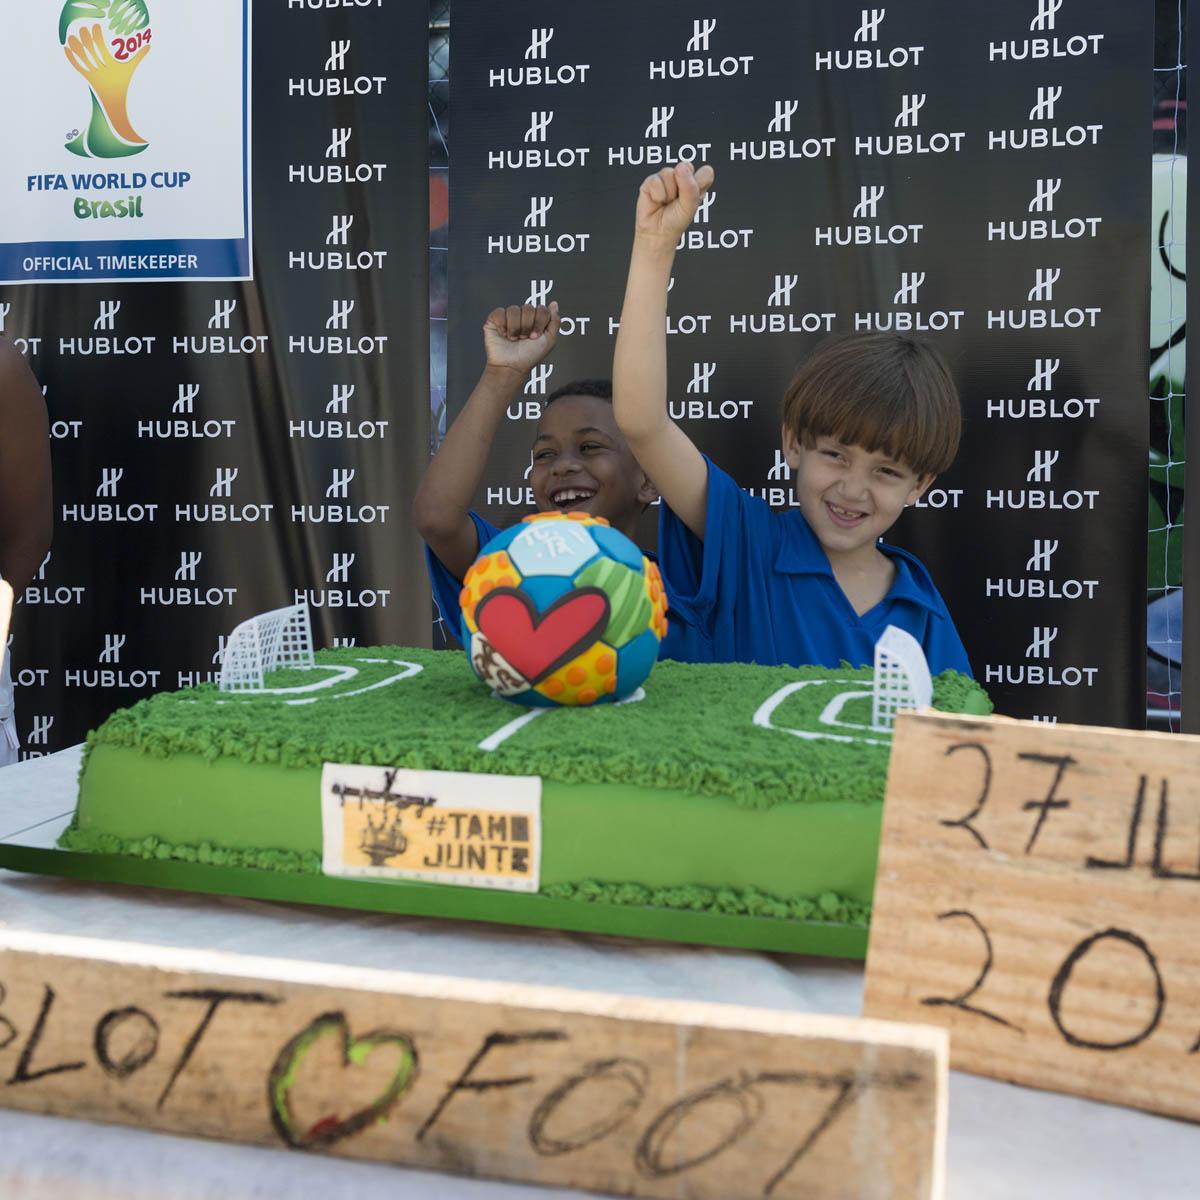 La Cote des Montres : Photo - Pelé avec Hublot à la Favela Jacarezinho